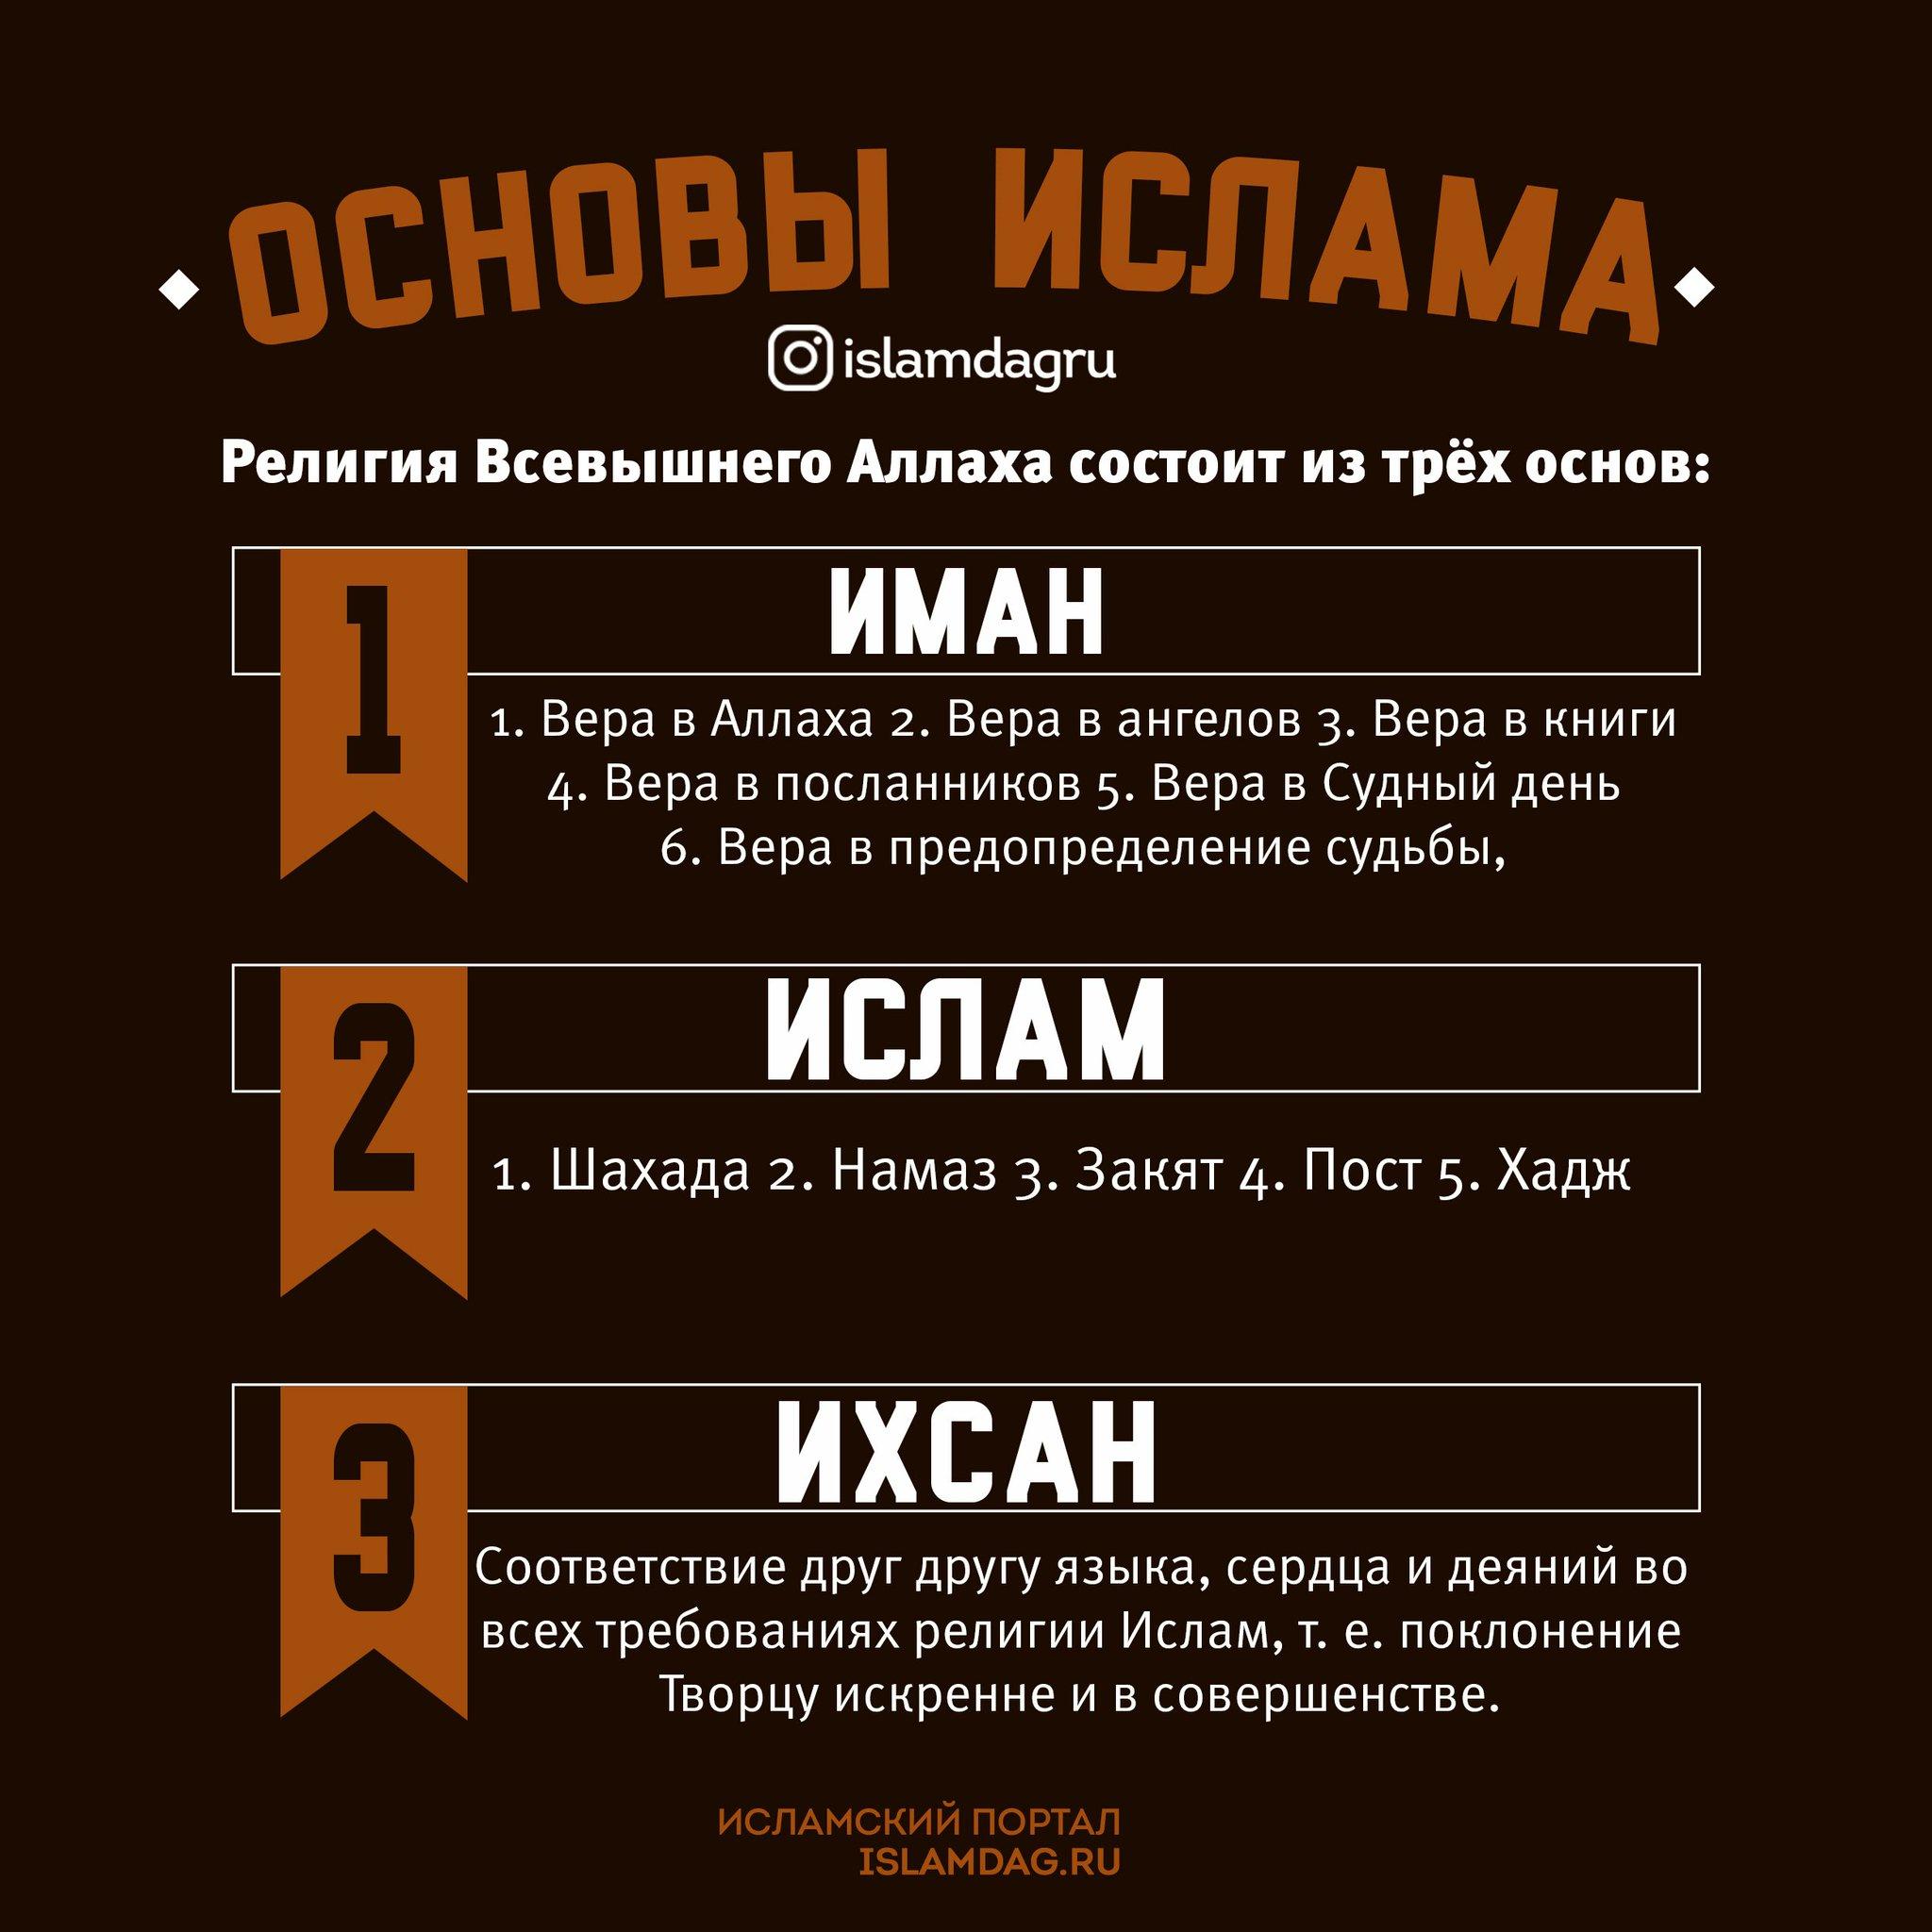 фото картинки столпы имана бесплатных объявлений россии